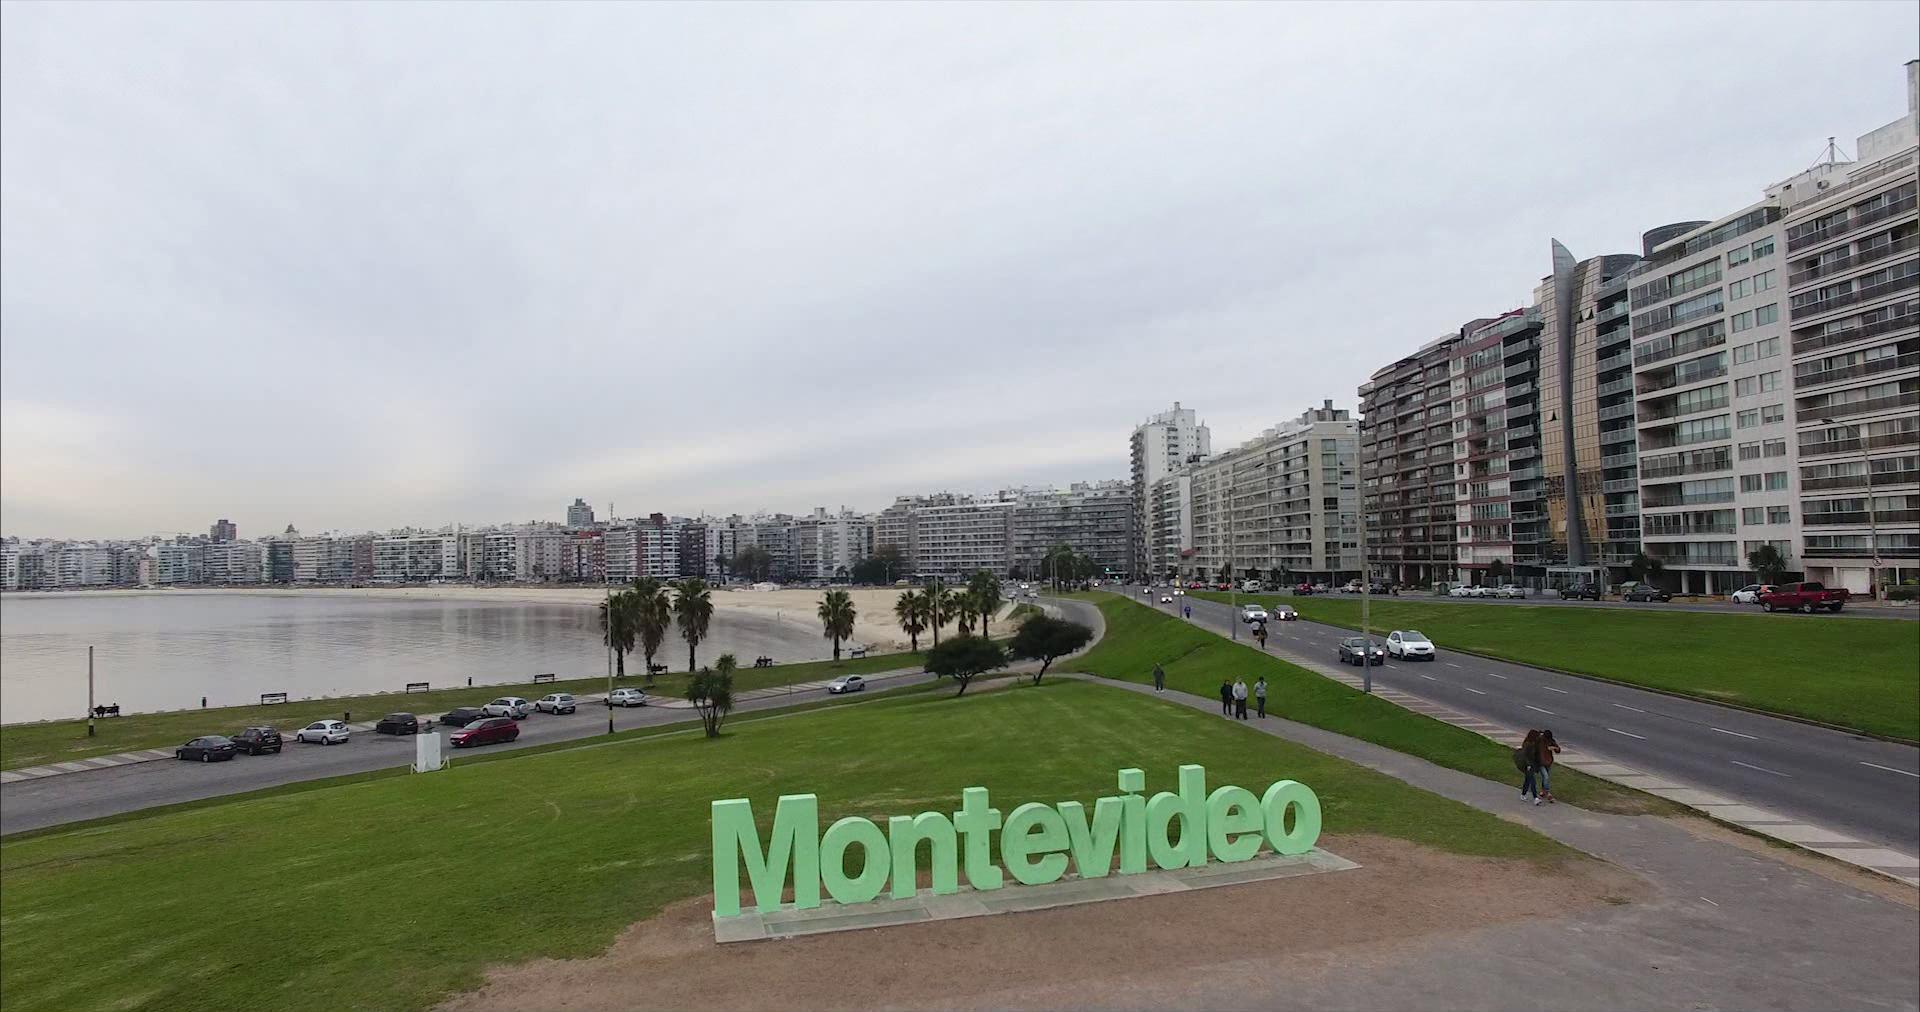 Montevideo Pocitos